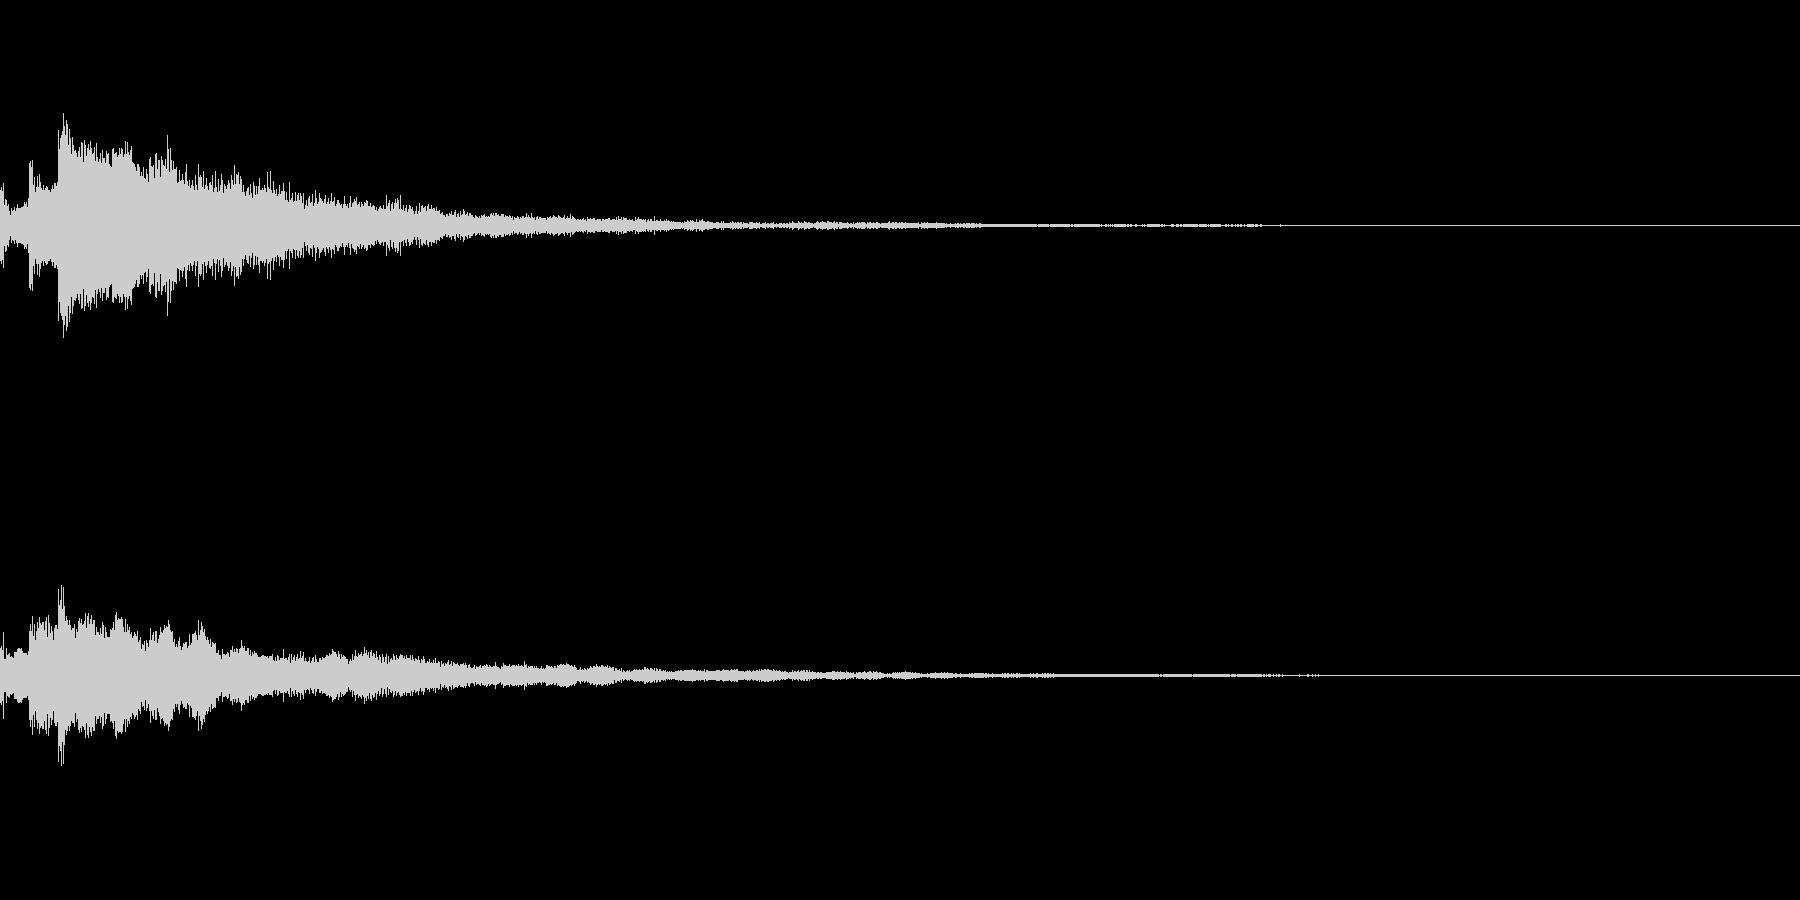 しゃらん♪ (連鎖06)の未再生の波形